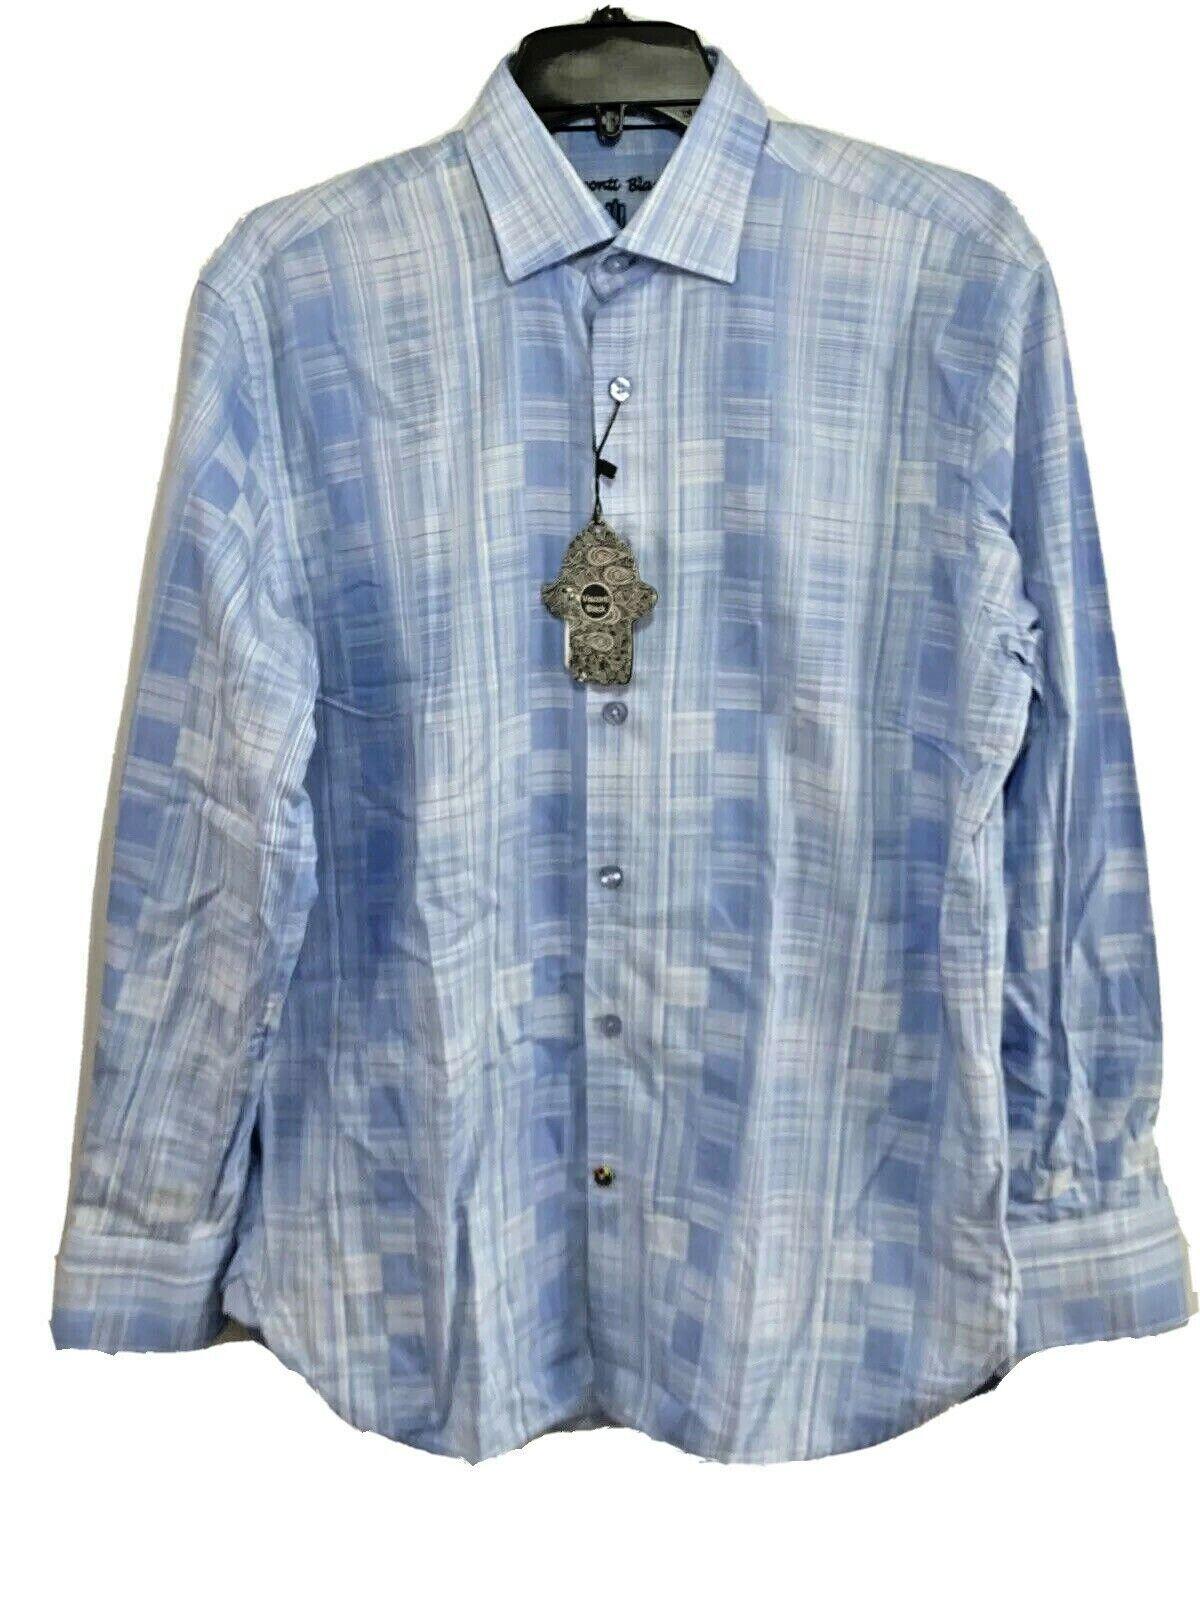 Luchiano Visconti Black Mens Button Down Shirt S Small L/S NWT Blue $125 Casual Button-Down Shirts